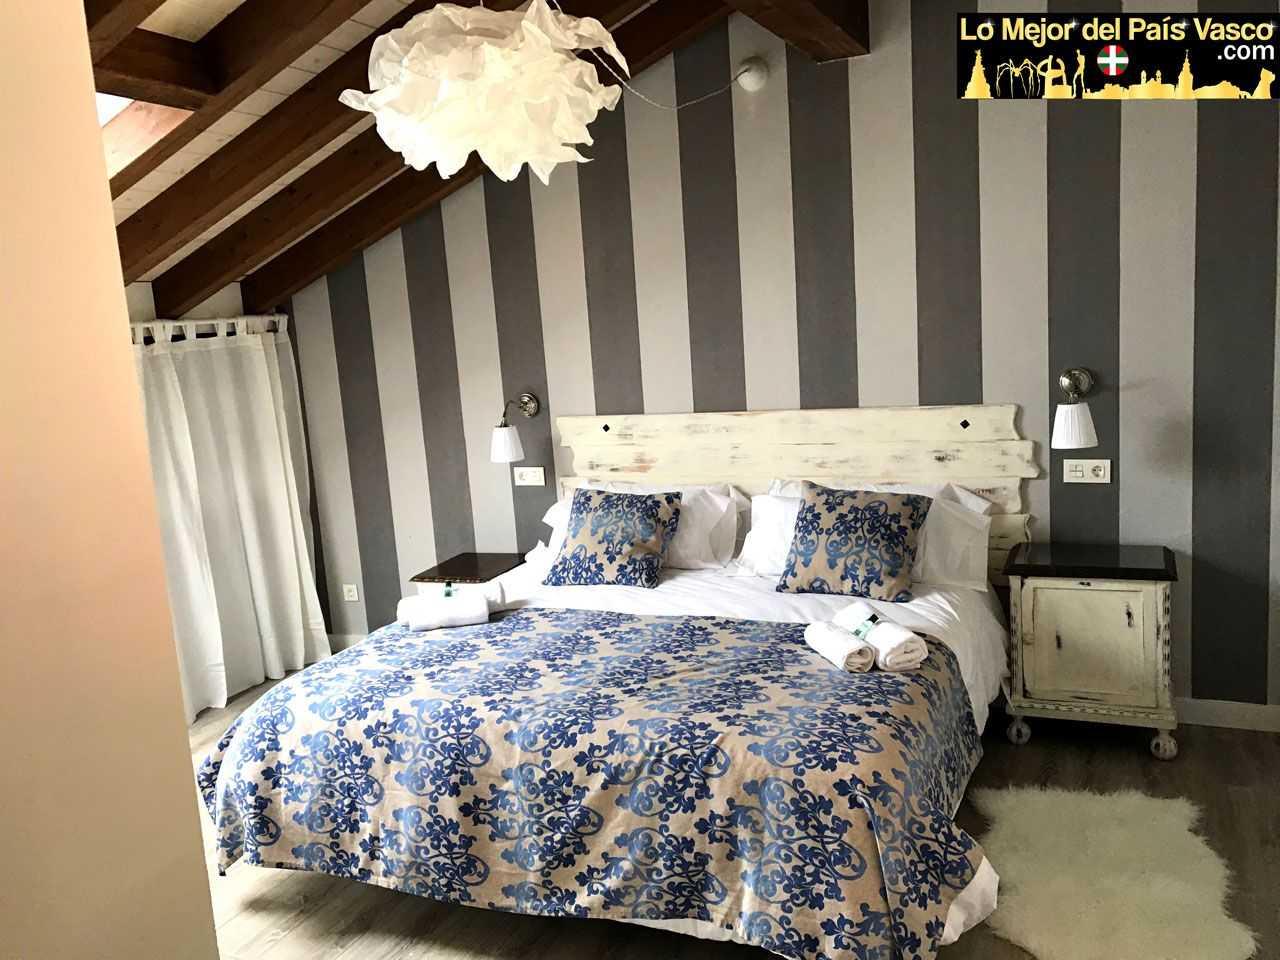 Casa-Rural-Tierra-y-Madera-Apartamento-Izar-Dormitorio-por-Lo-Mejor-del-País-Vasco